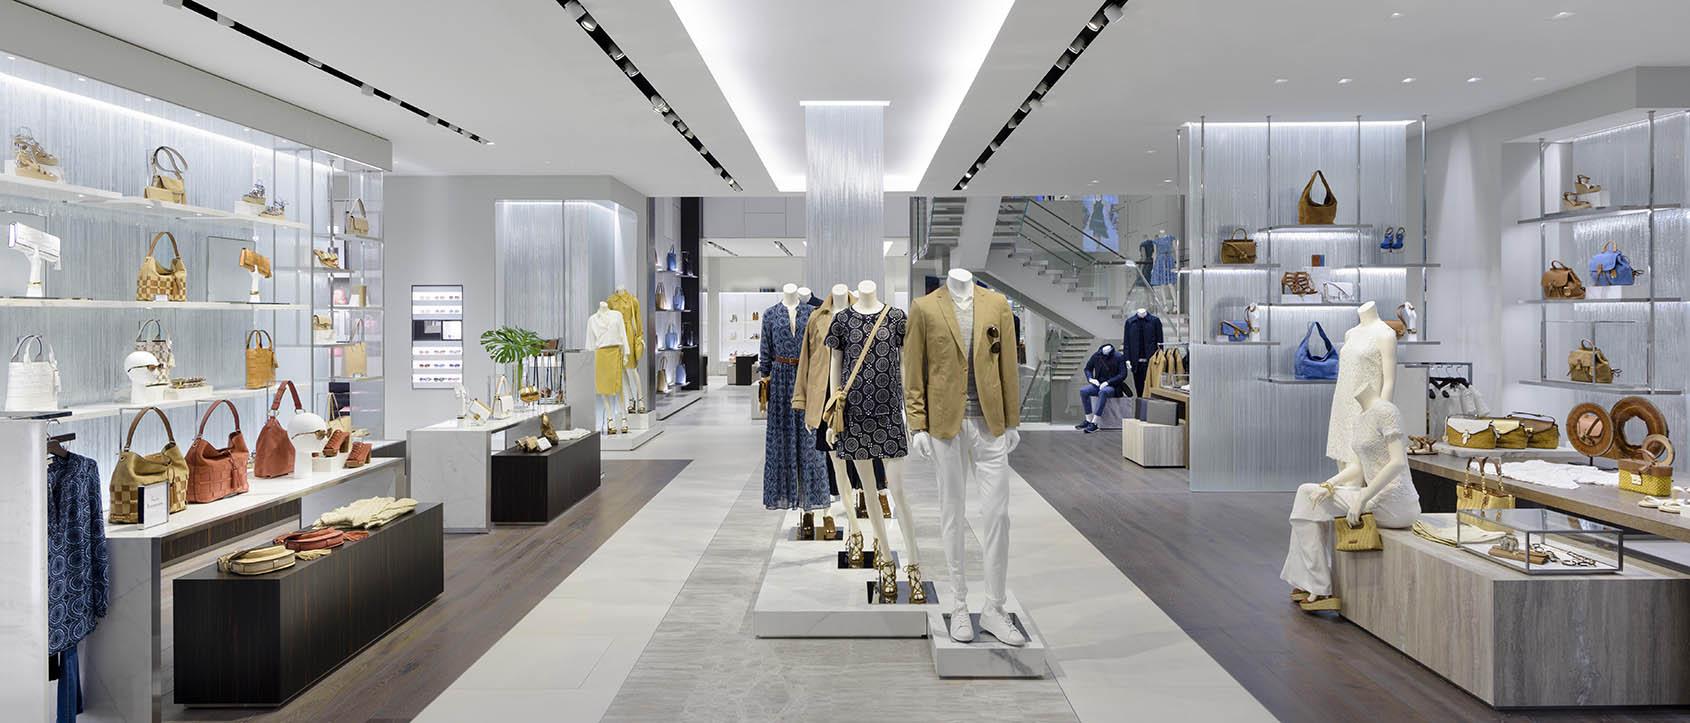 retail shop fit-out